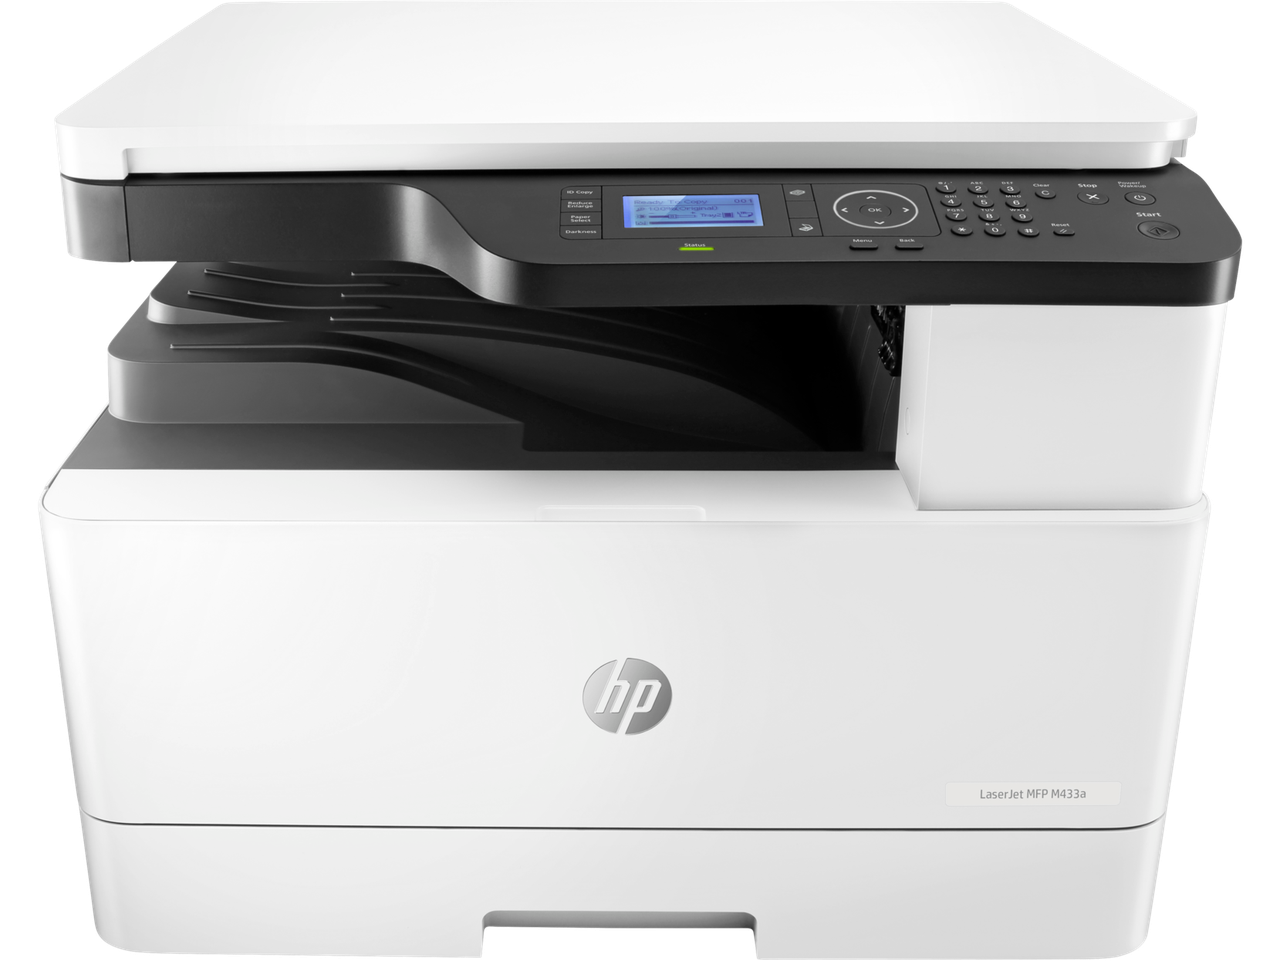 Черно-белое МФУ А3 HP LaserJet M433